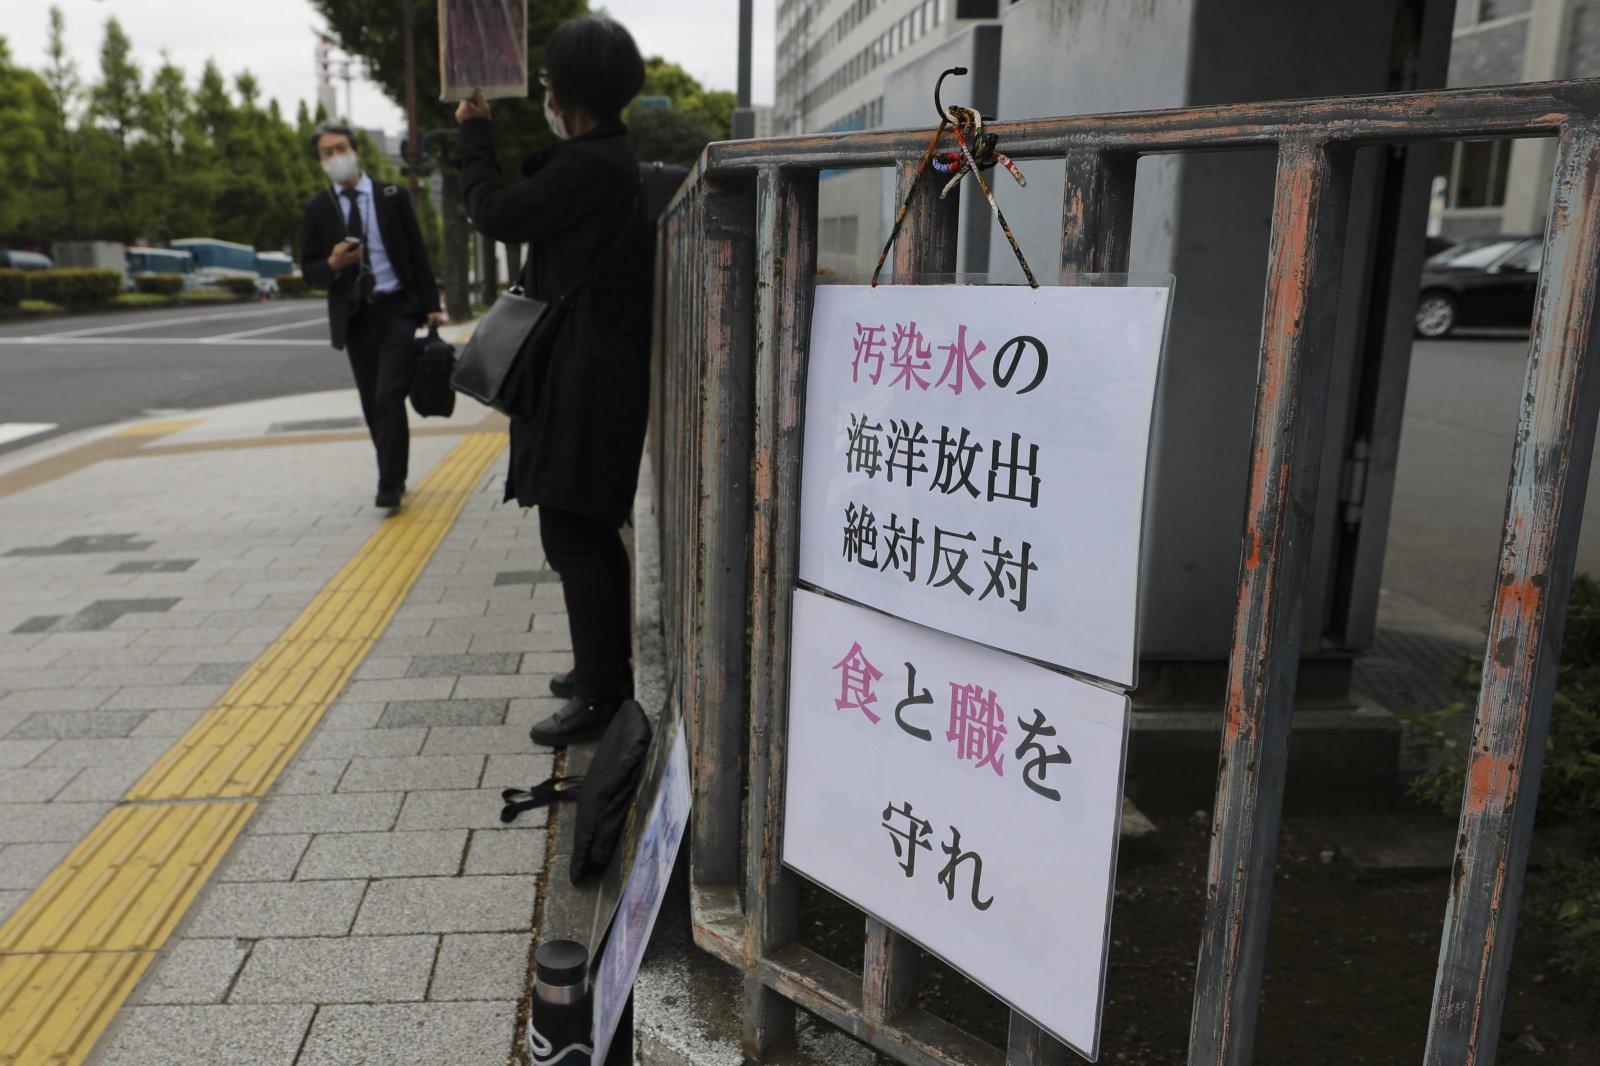 4月13日,抗議者在日本東京的首相官邸外反對福島核污水排入大海。(新華社)